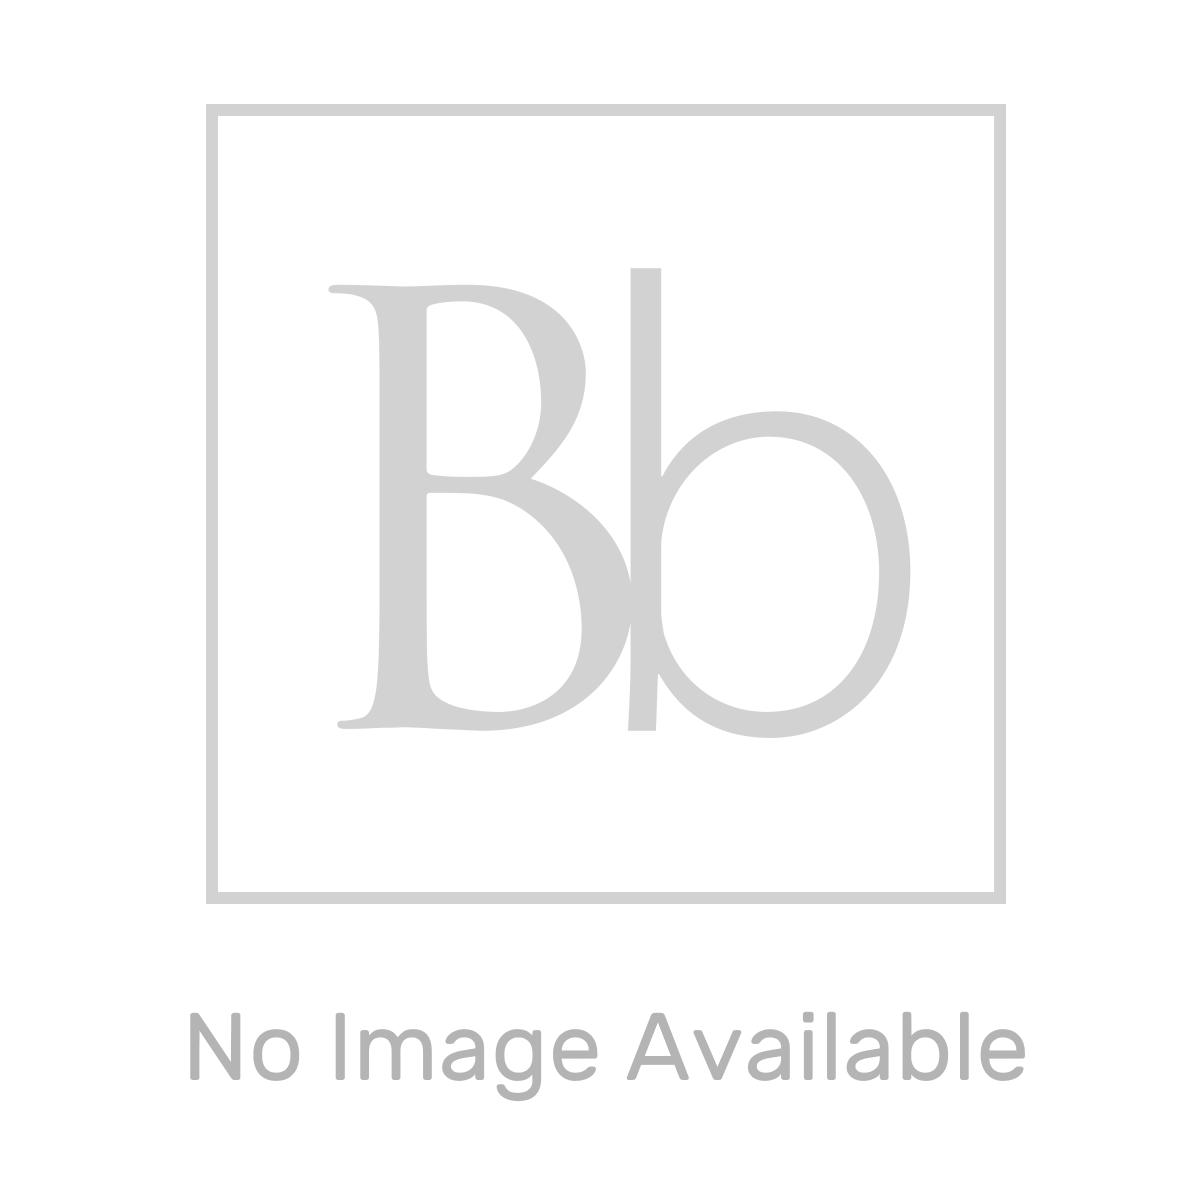 Nuie Athena Gloss White 2 Door Floor Standing Vanity Unit with 18mm Worktop 600mm Line Drawing